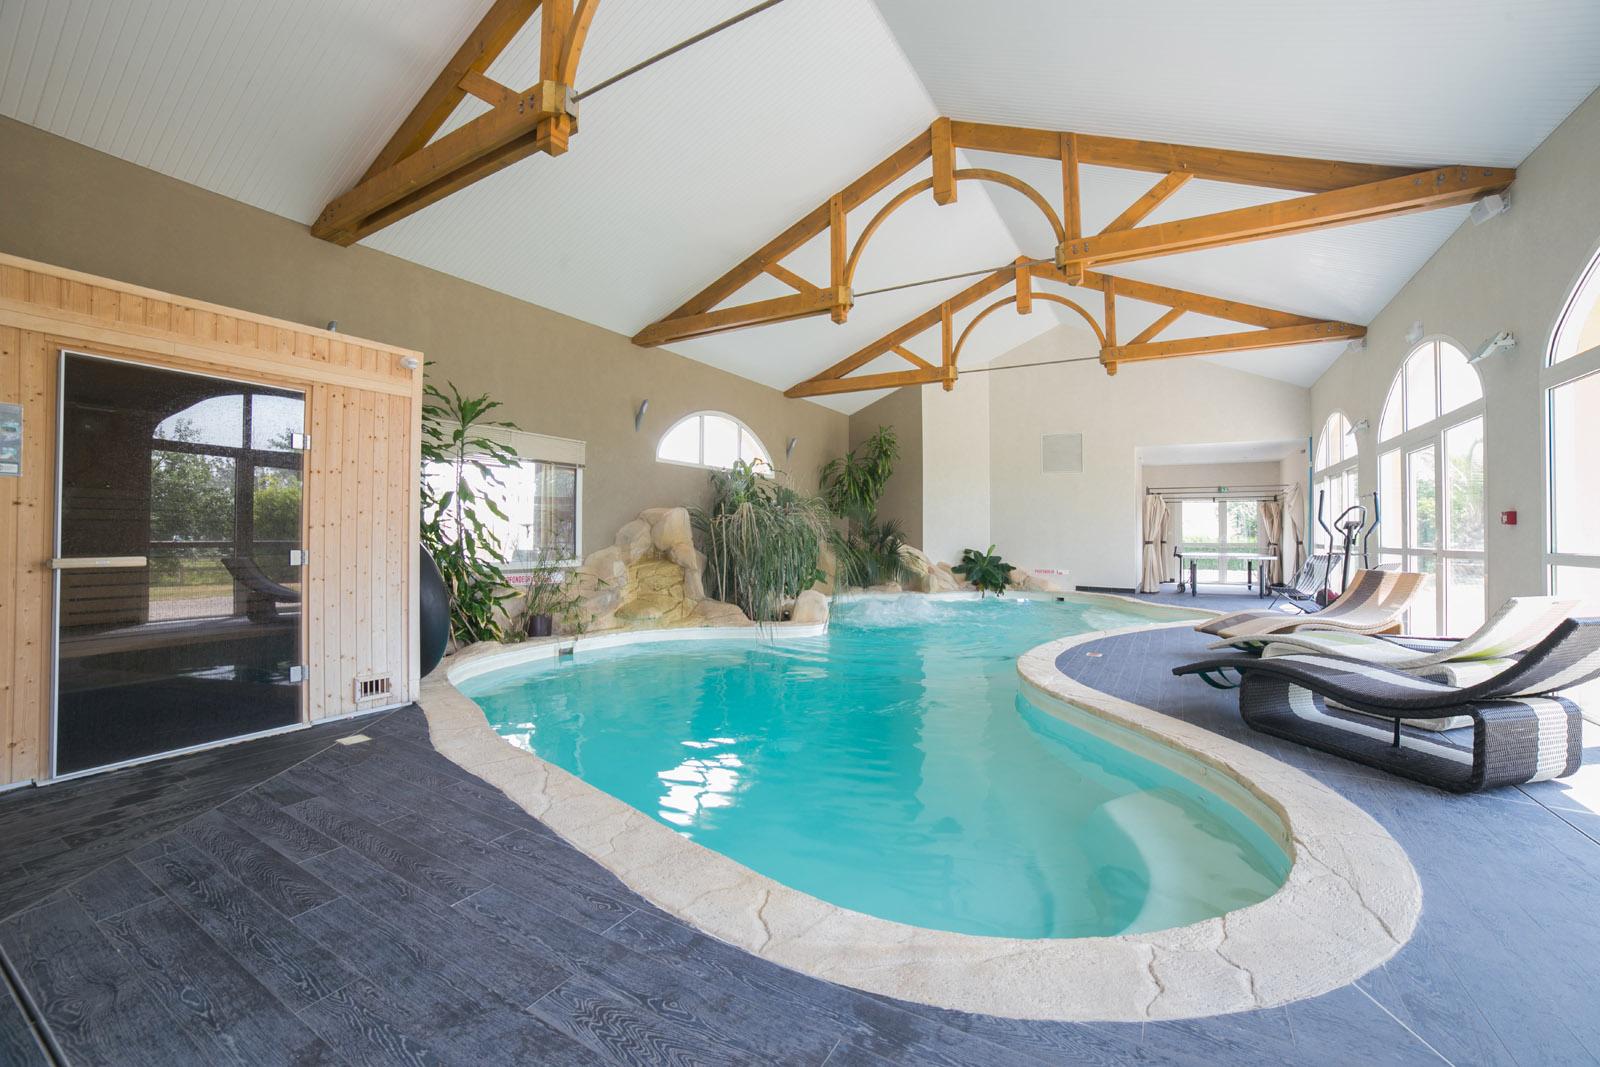 hotel restaurant piscine chauff e aux portes de nantes haute goulaine. Black Bedroom Furniture Sets. Home Design Ideas